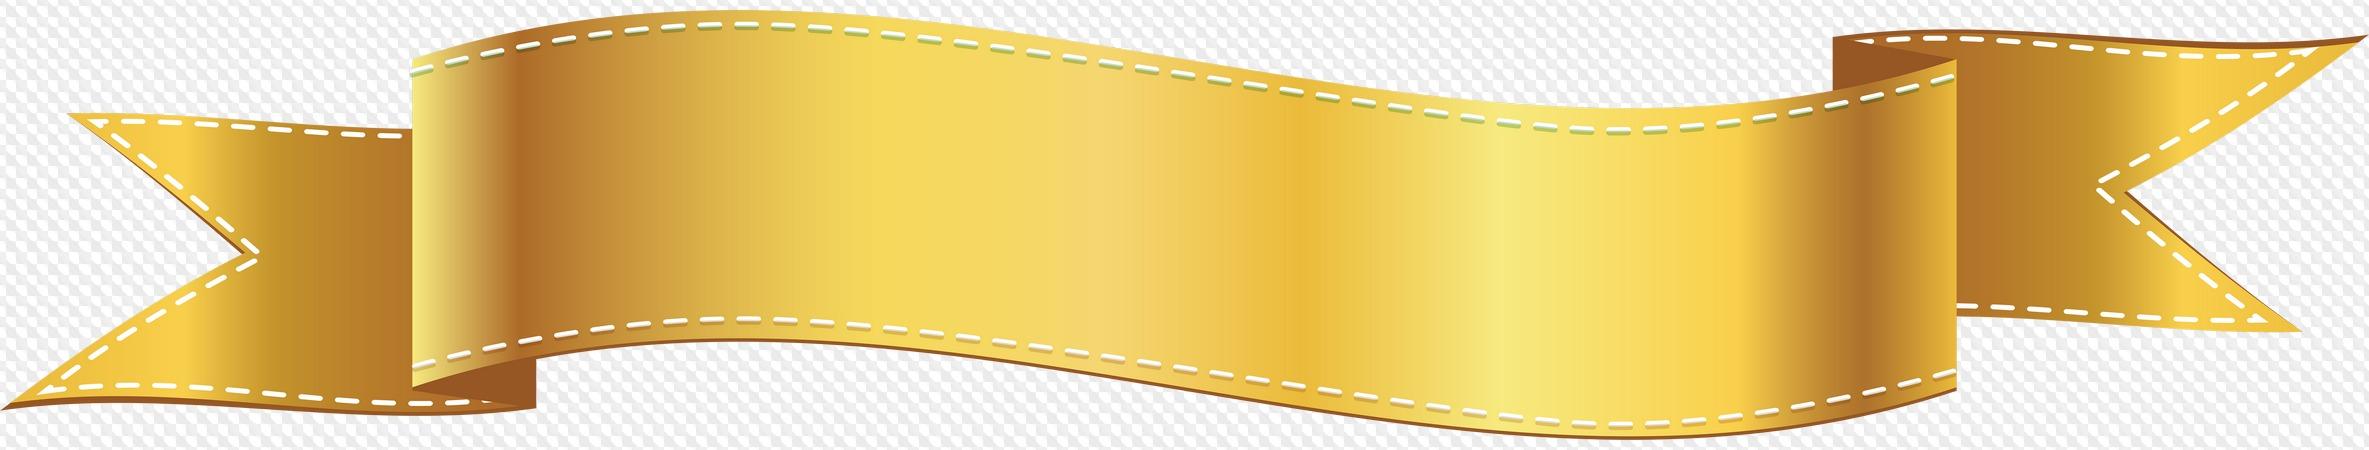 лента картинка на прозрачном фоне легкое, жирное